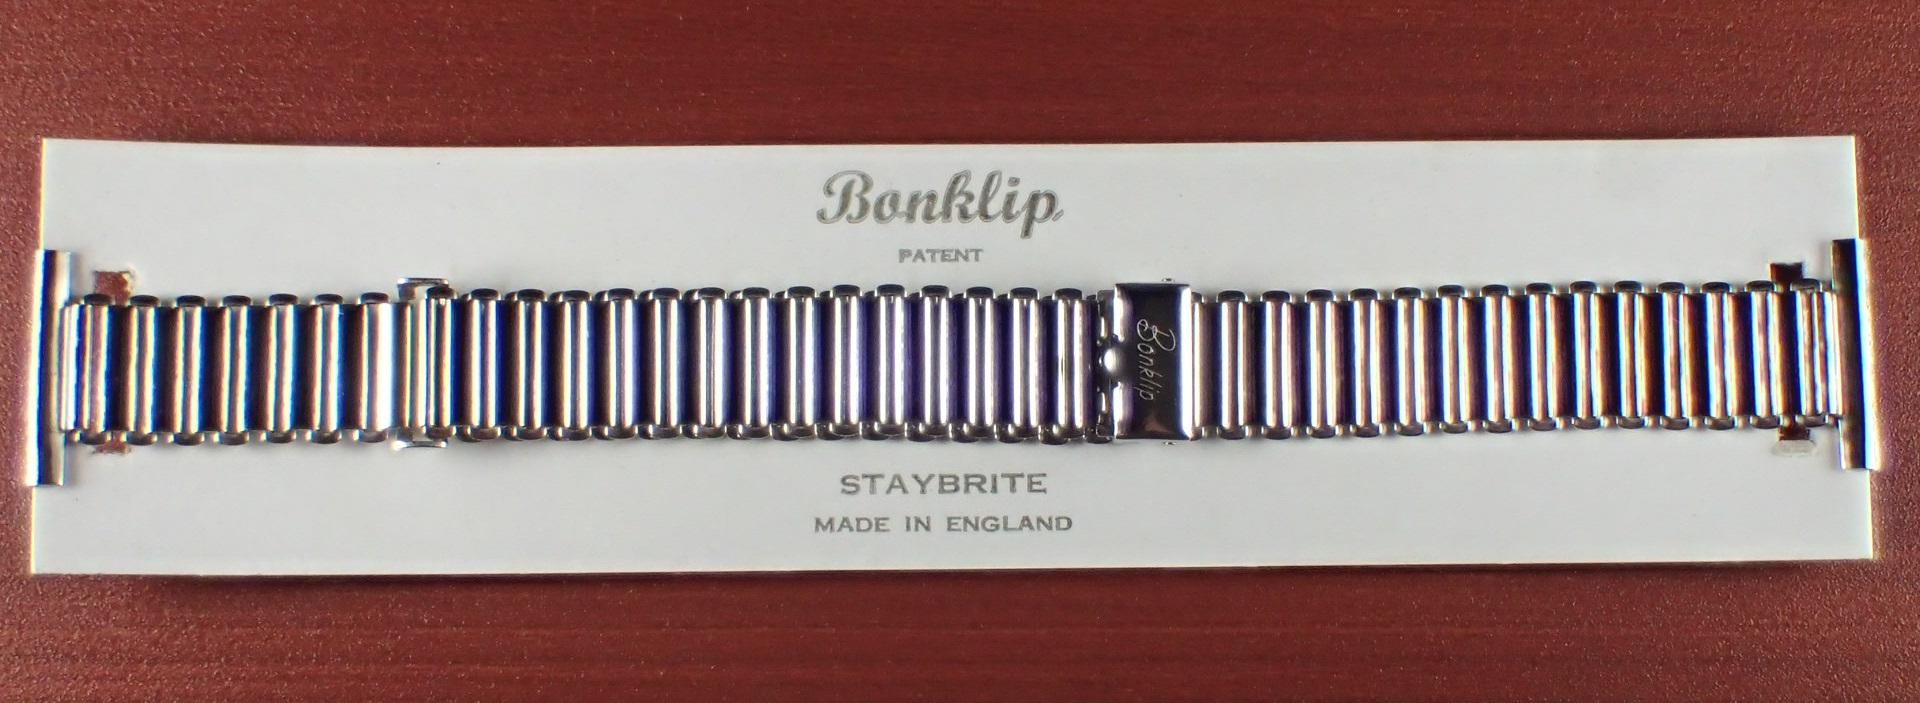 ボンクリップ バンブーブレス NOS 筆記体ロゴ リンク13mm 取付幅20mm SS 1940年代